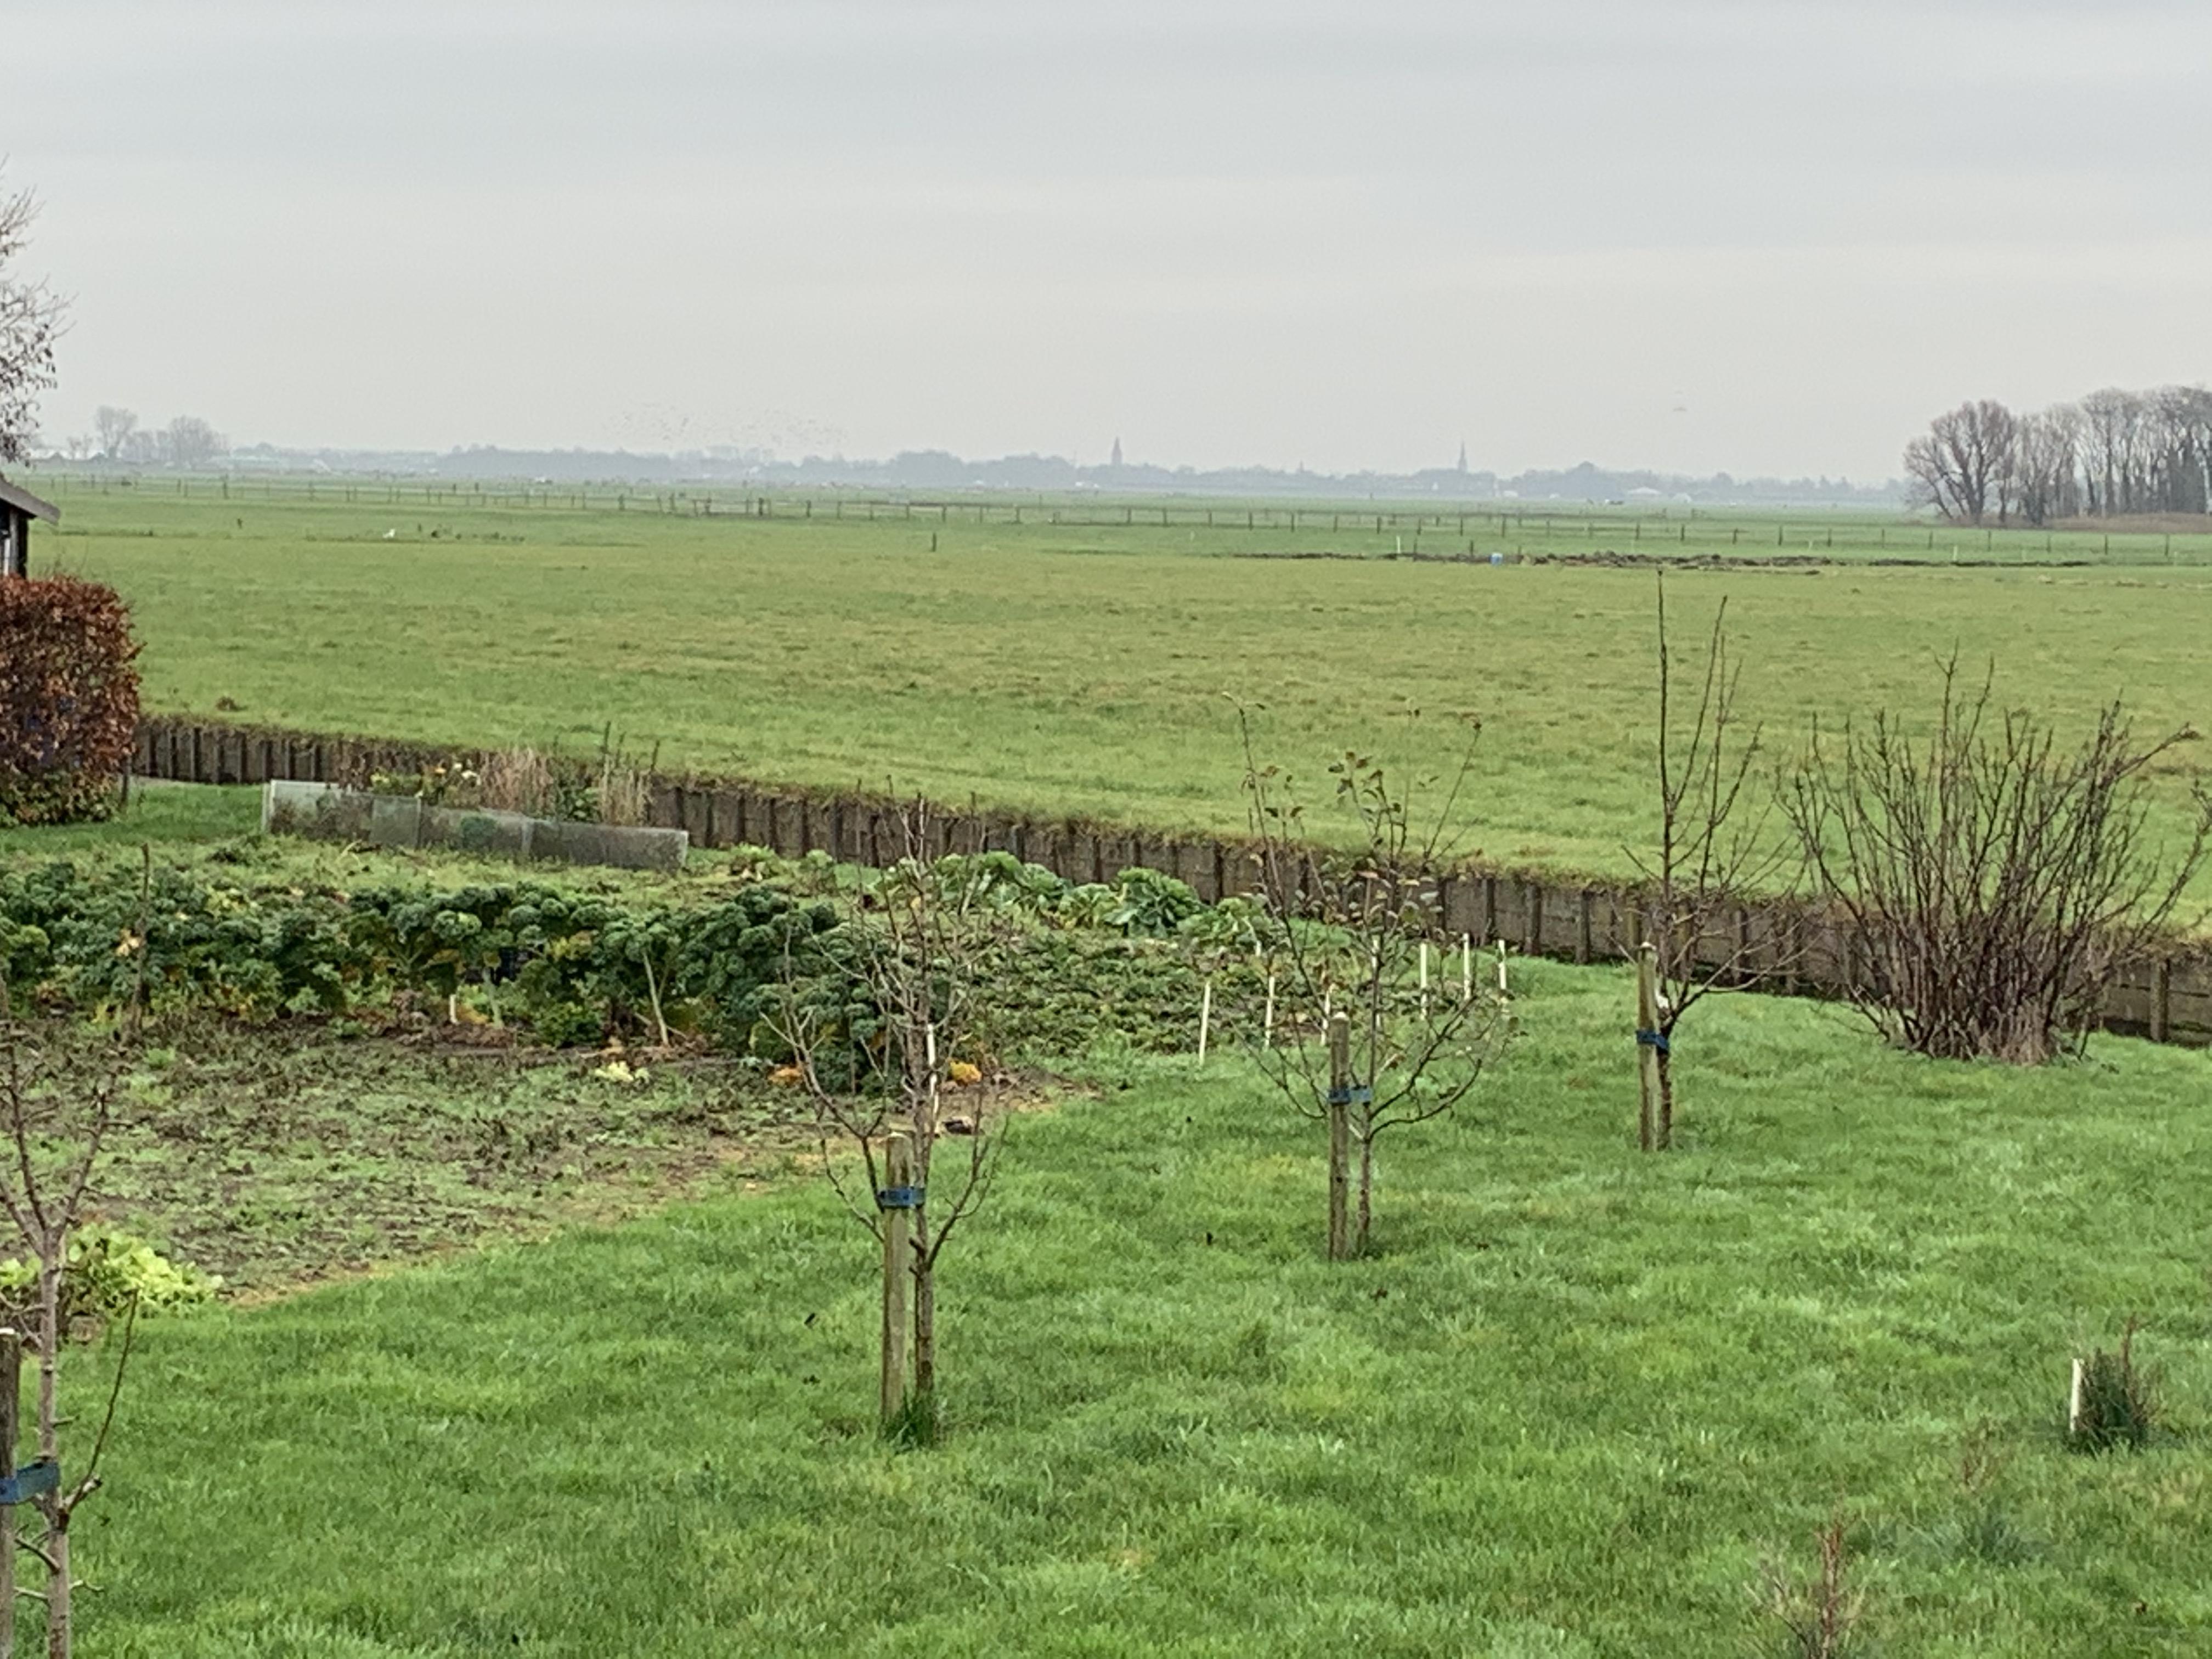 Gemeenteraad wil duizend huizen buiten Heemskerk bouwen. 'Een schaalsprong naar het oosten'